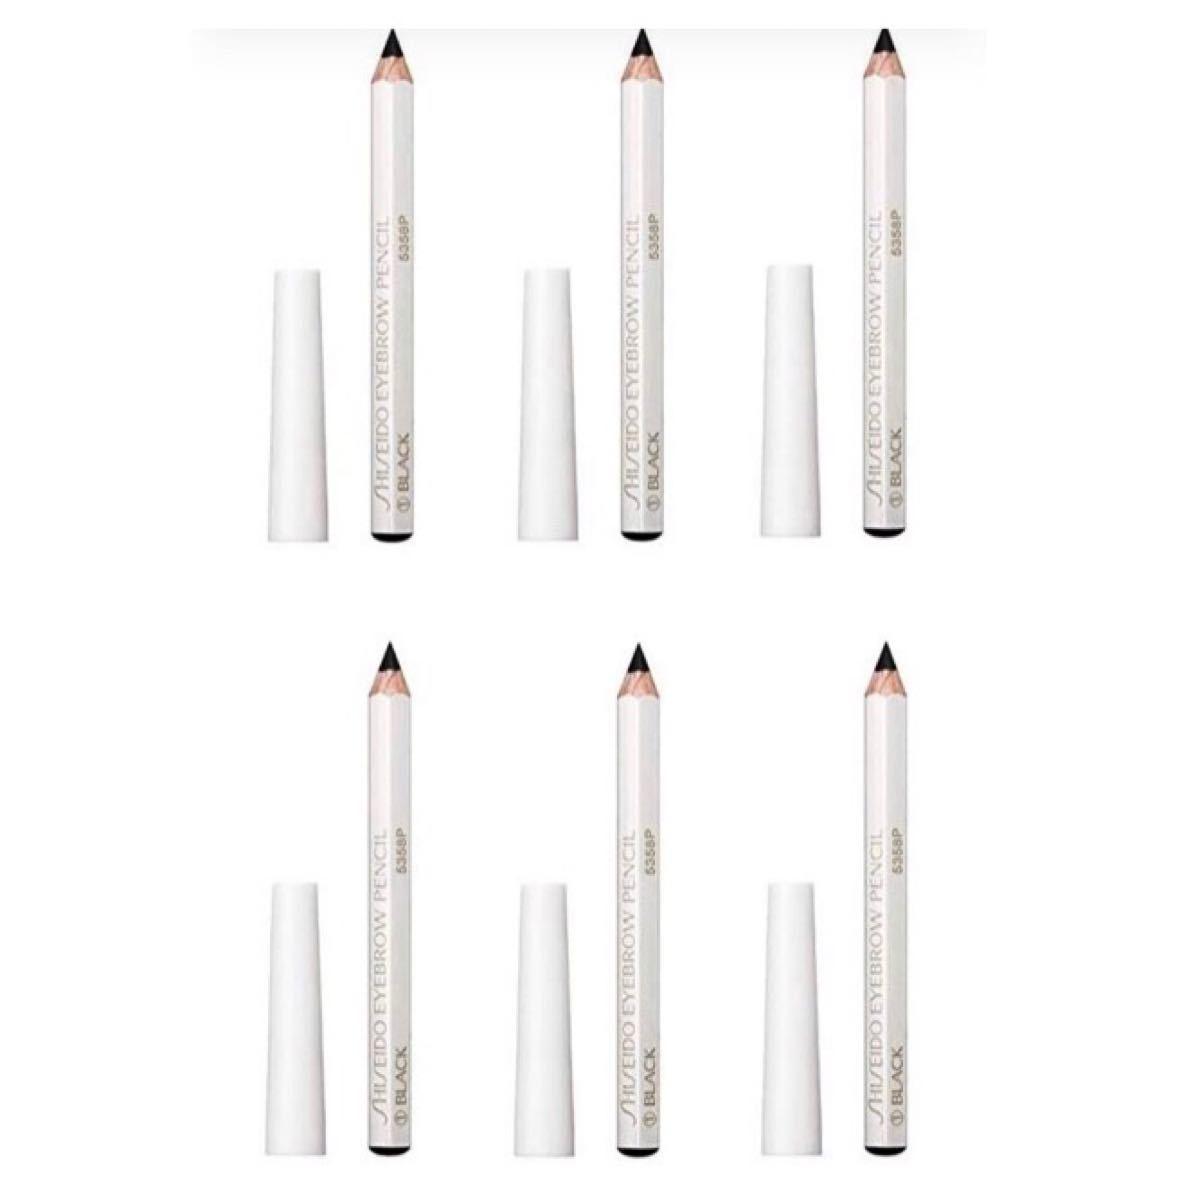 7本セット! 資生堂 (SHISEIDO) 眉墨鉛筆 ブラック アイブロウペンシル